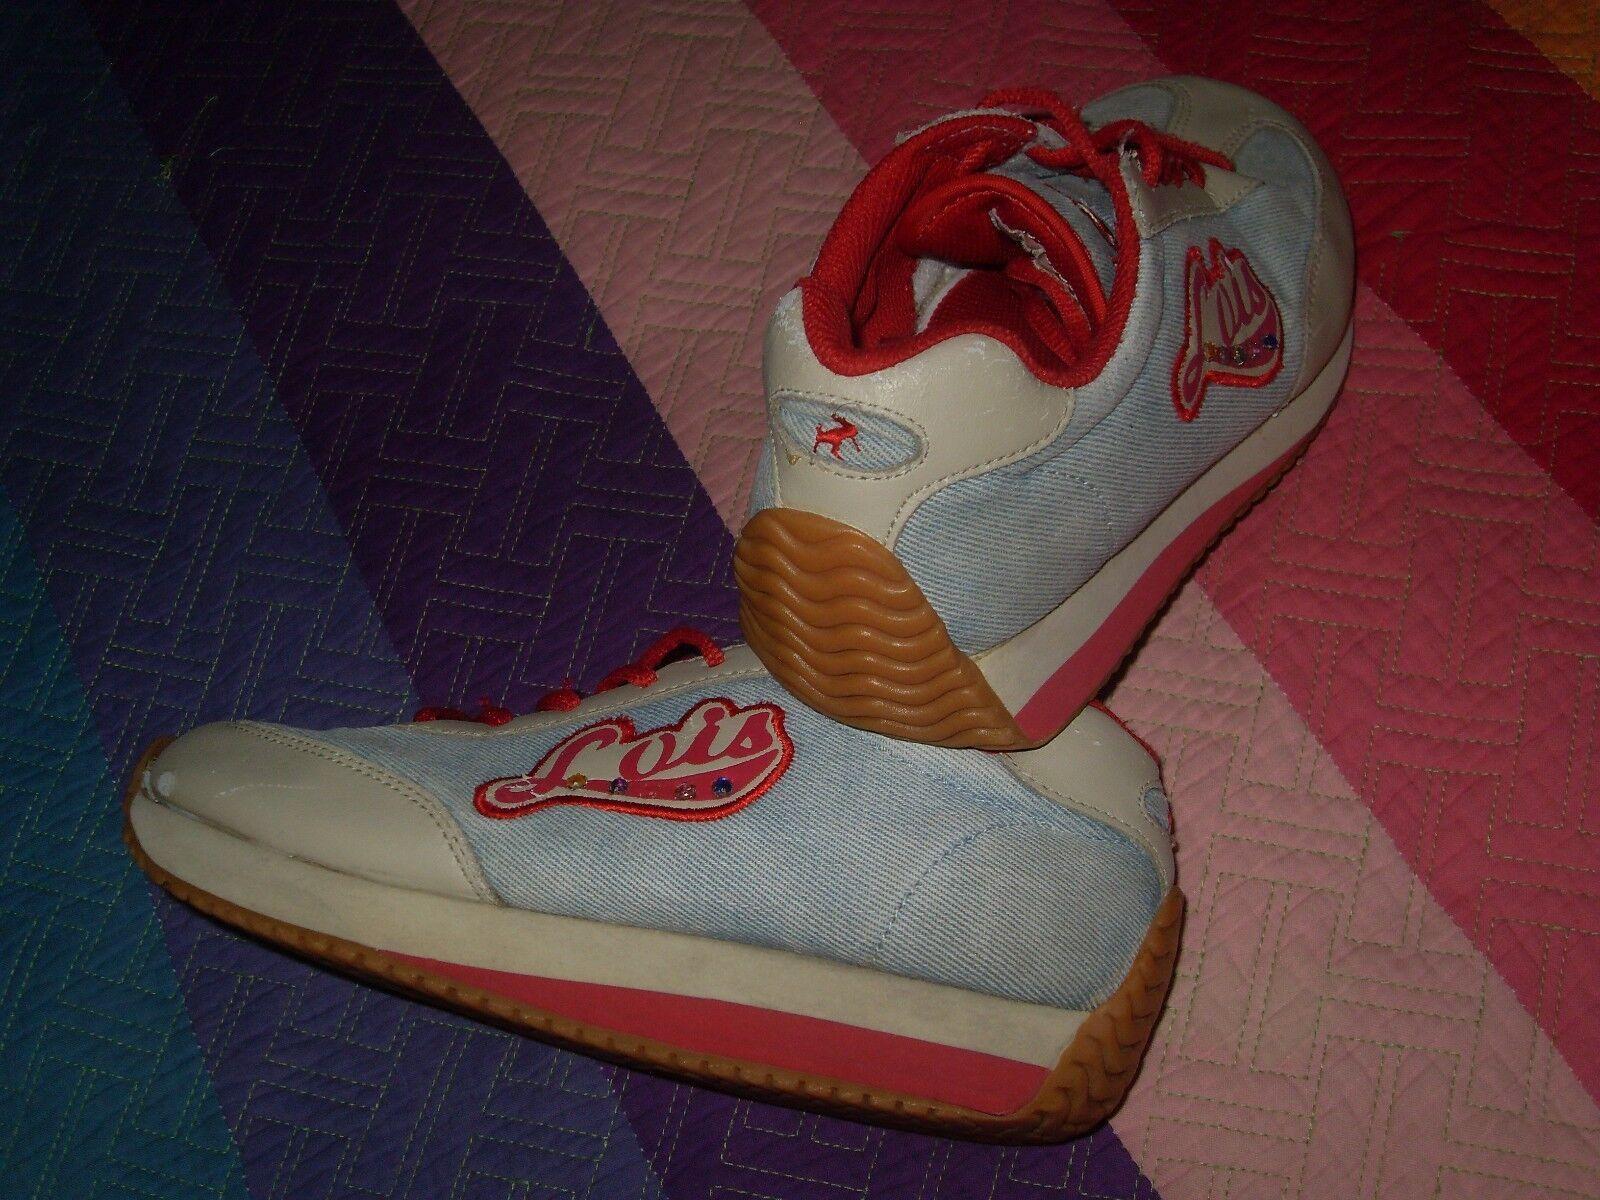 Zapatillas lois 36 originales abalorios comodisimas con un poco de silverforma